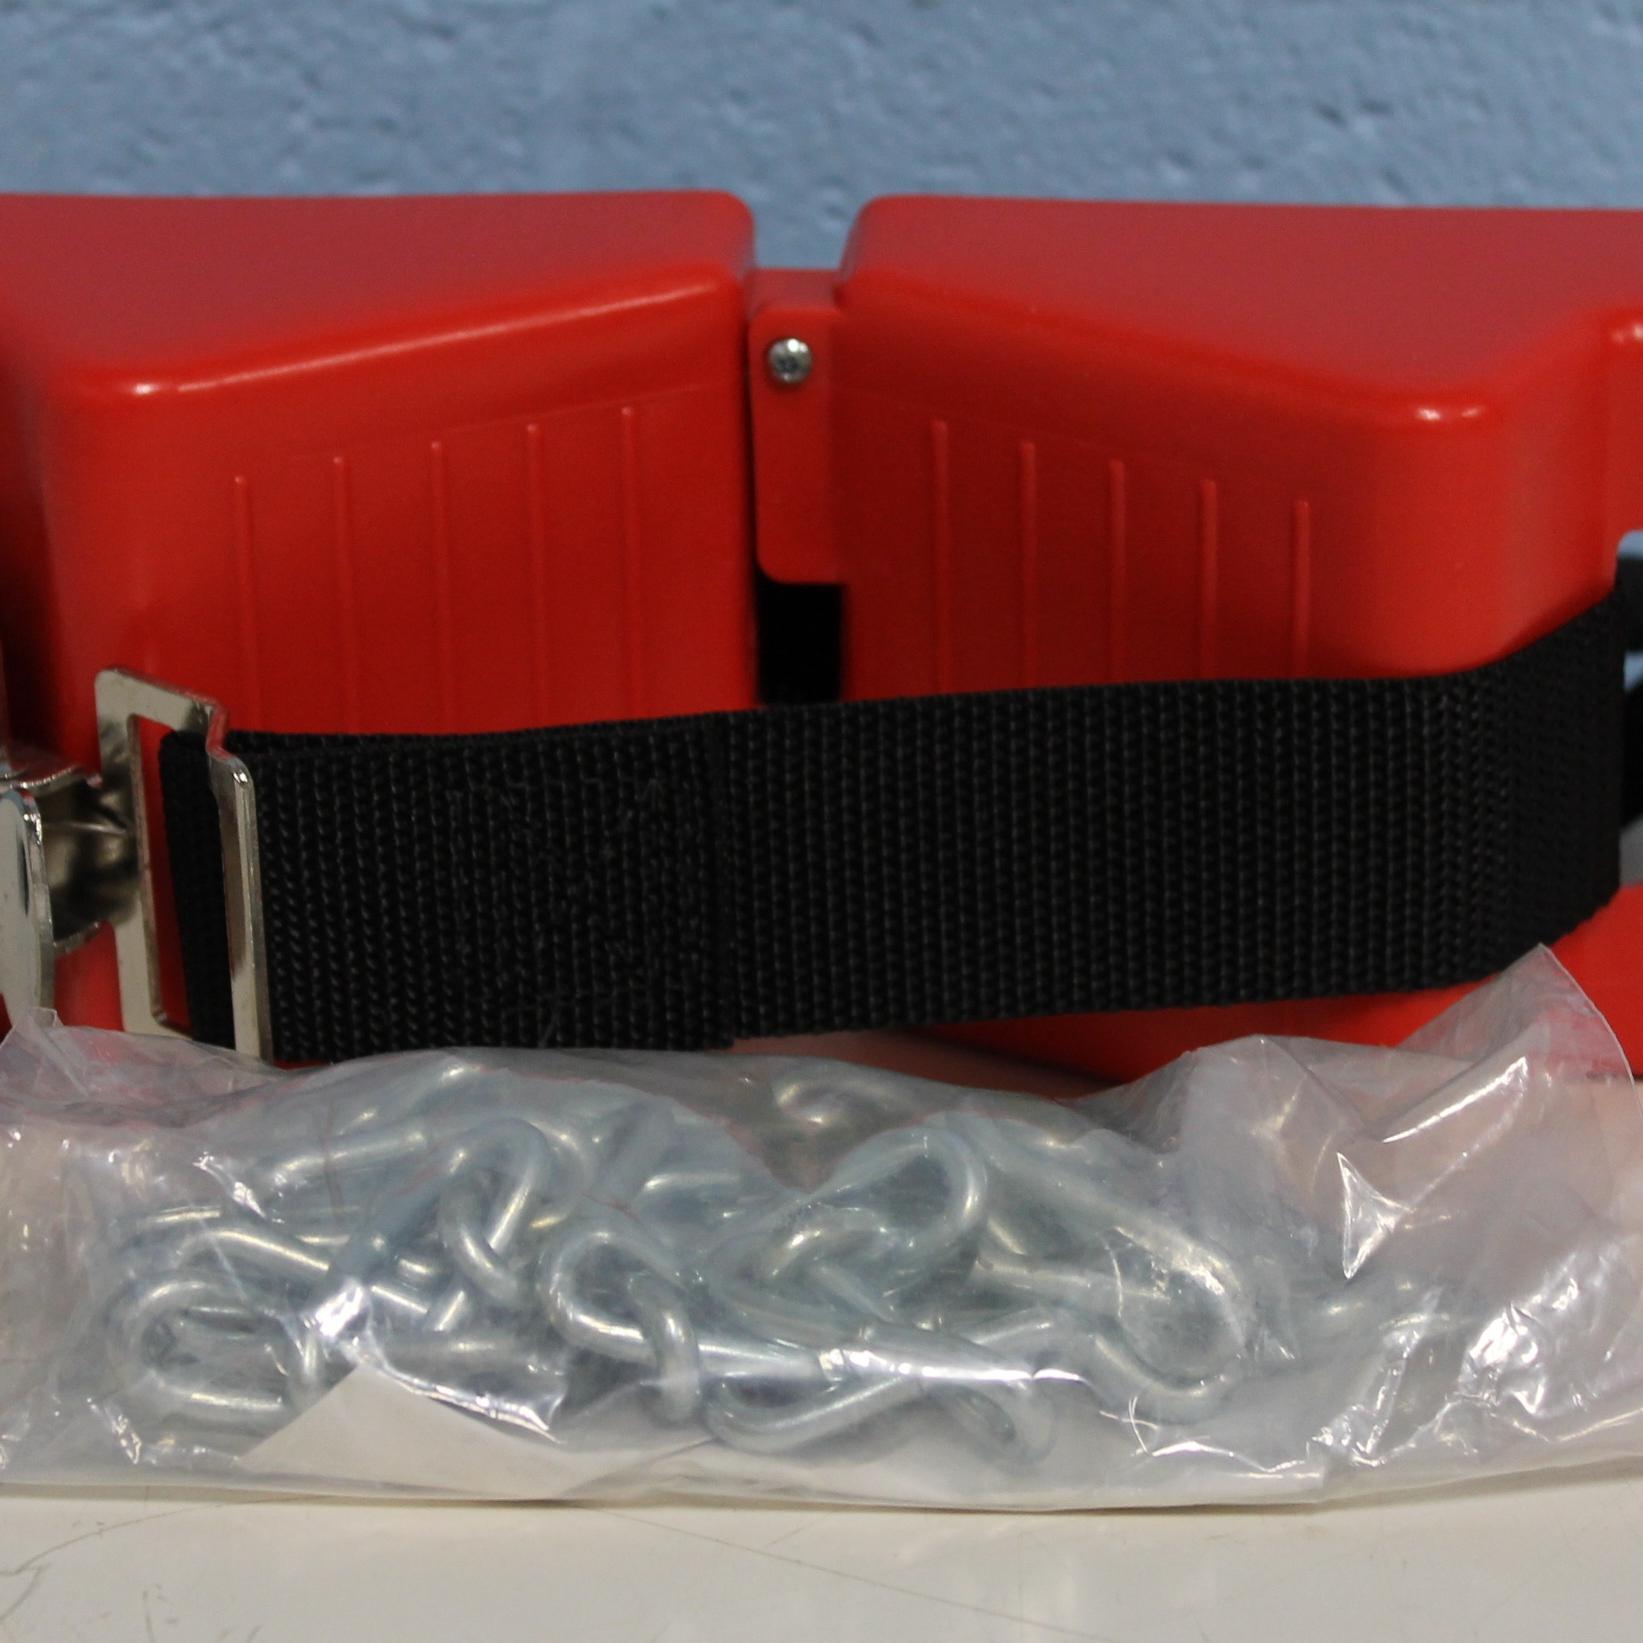 First Safety Corporation G-110 Single Cylinder Adjustable Bracket Image